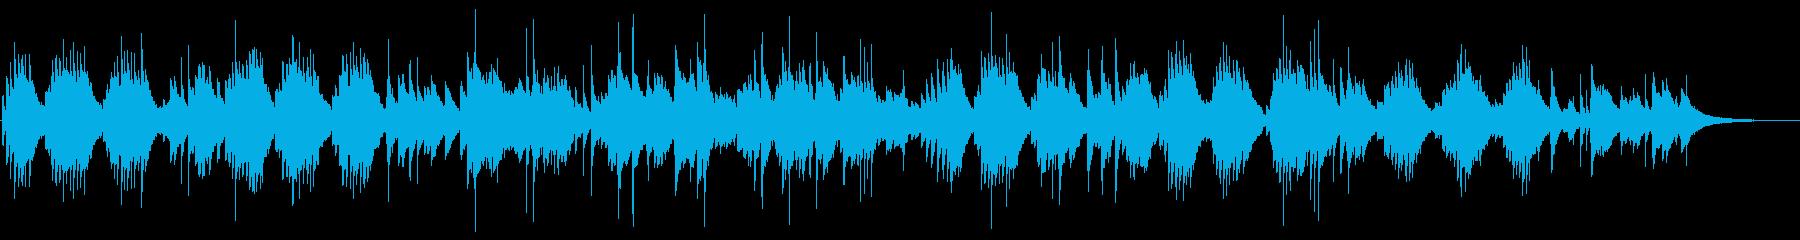 心地よいピアノのバラードの再生済みの波形